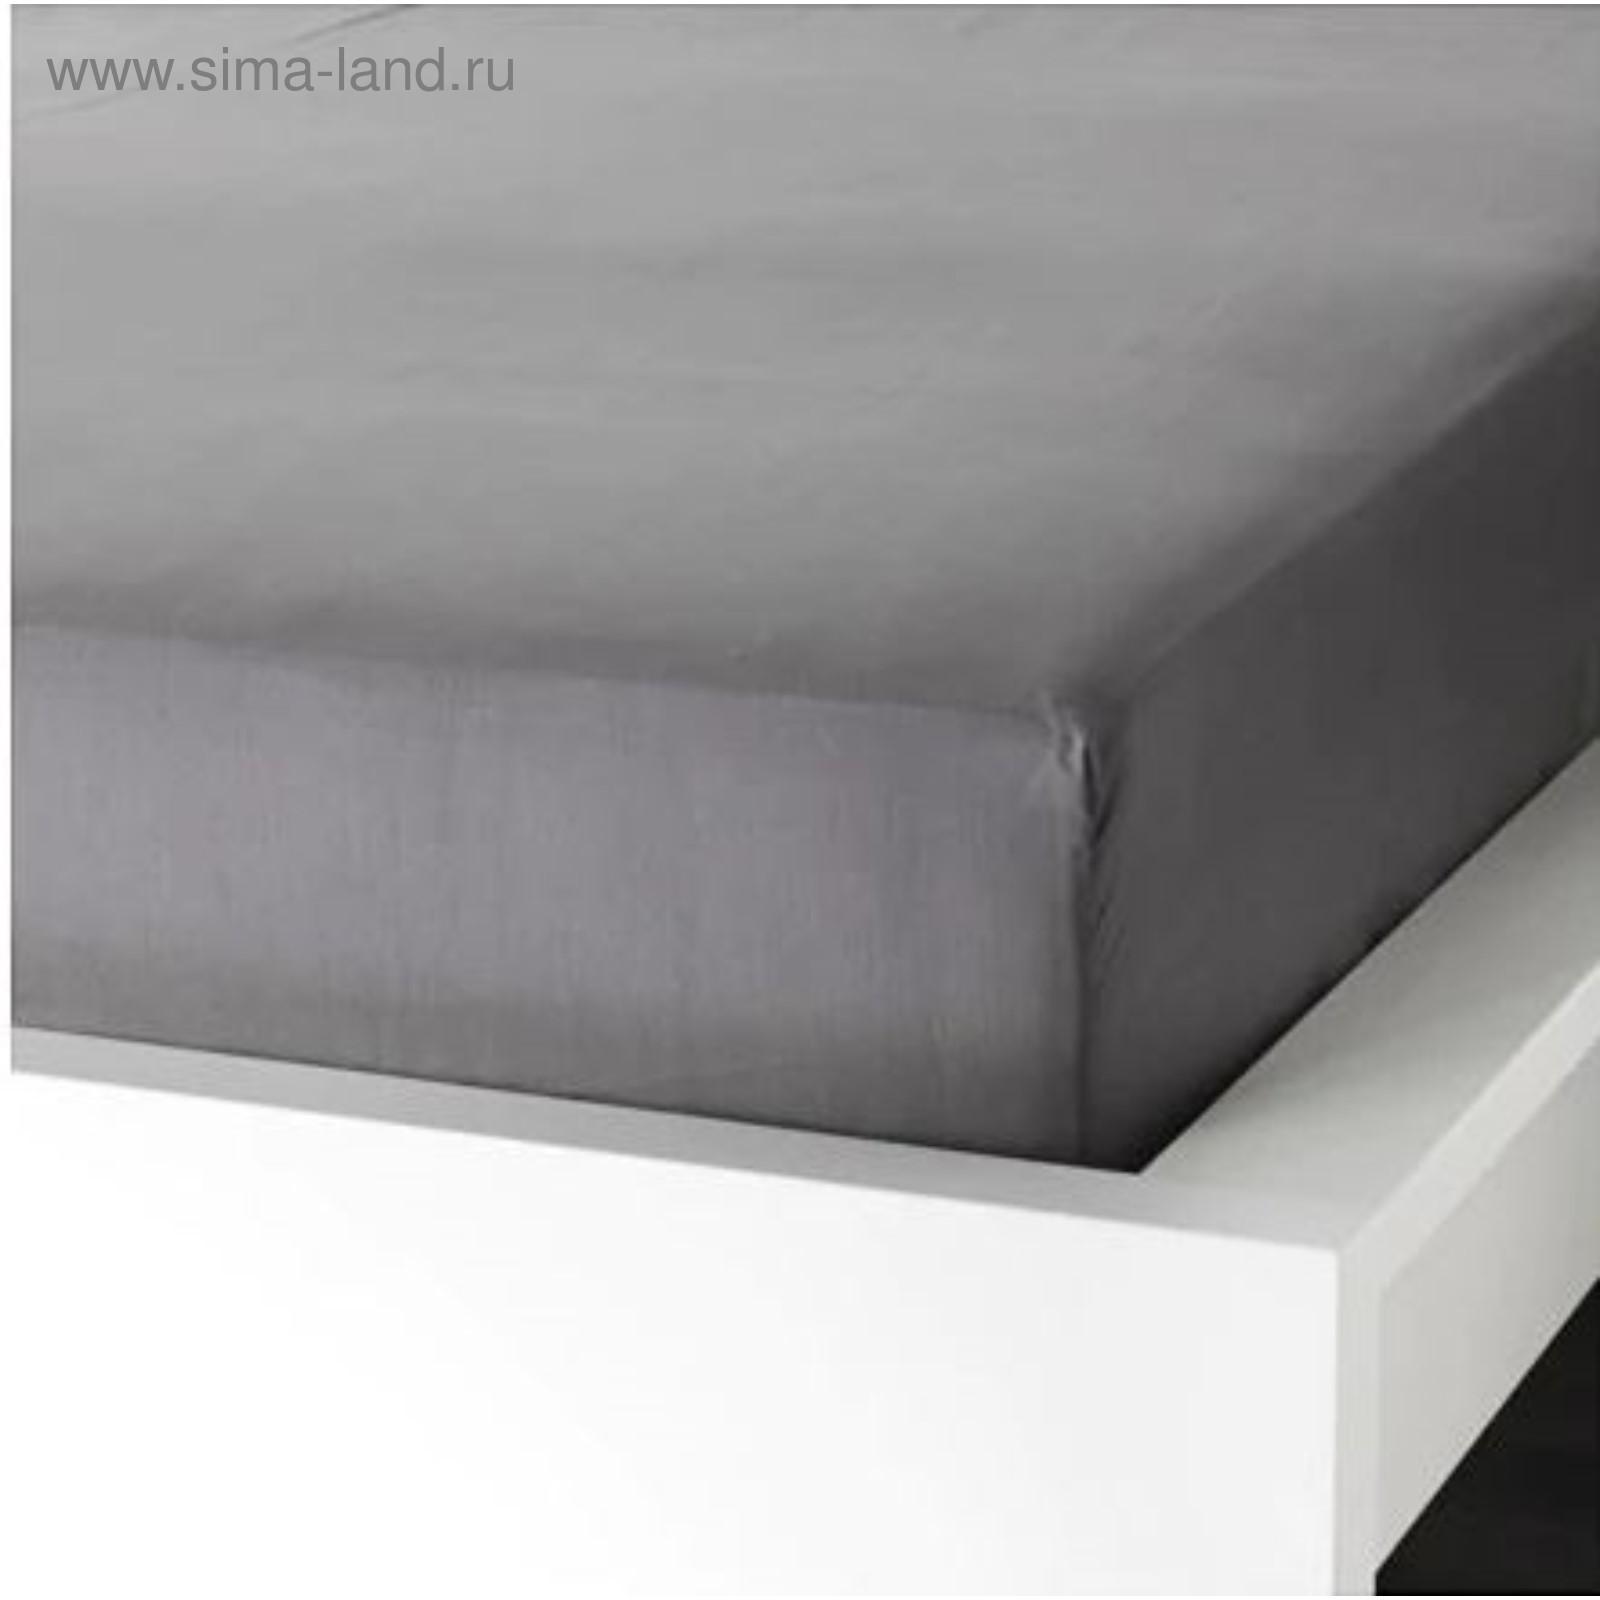 8693b1cafe39 Простыня натяжная УЛЛЬВИДЕ, размер 180х200 см, цвет серый (3985601 ...